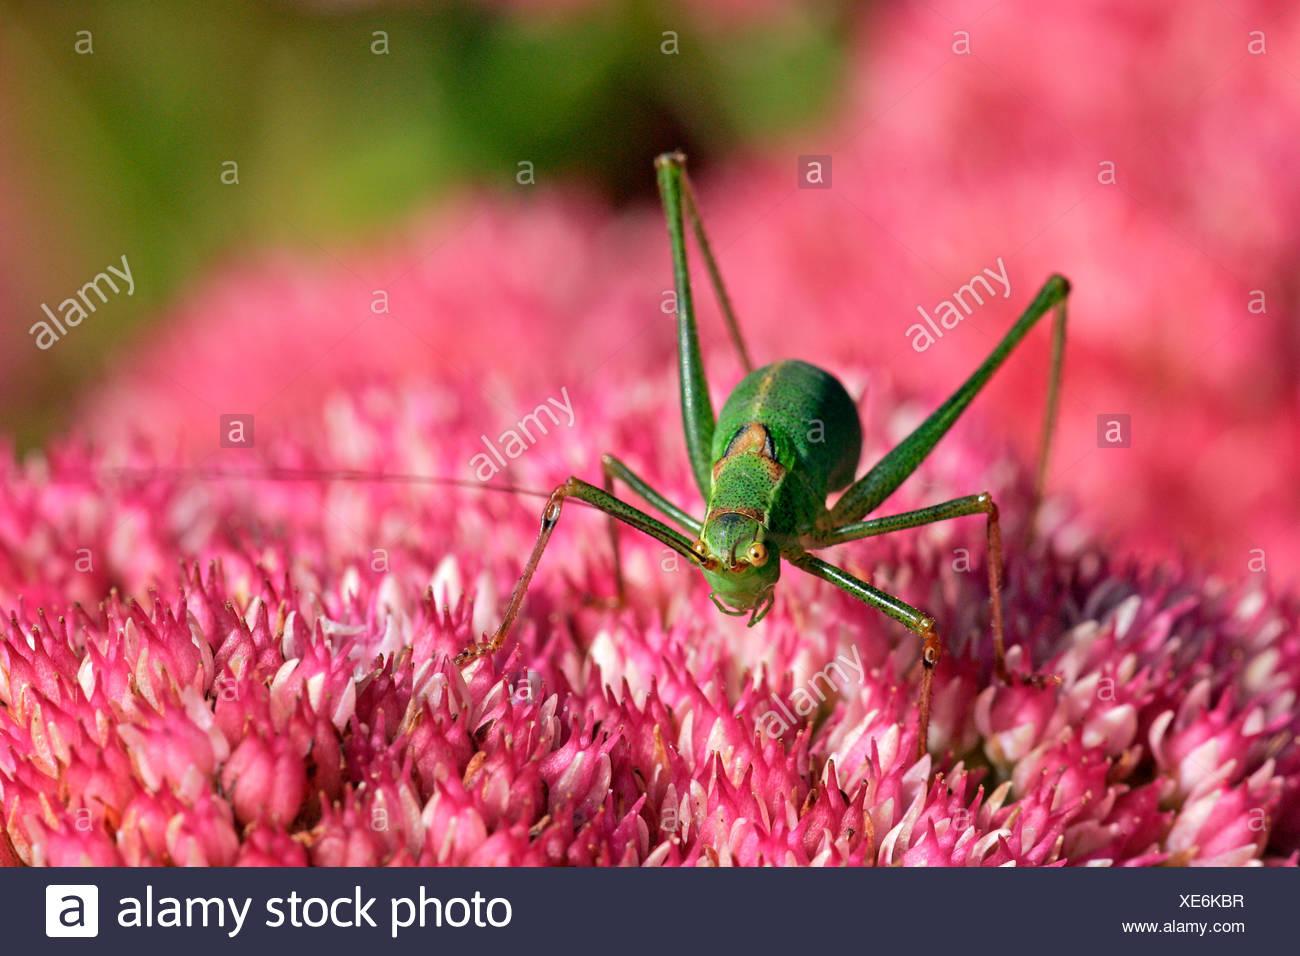 Female speckled bushcricket sitting on a flowering stonecrop - sedum live-forever - orpine - livelong - (Leptophyes punctatissi - Stock Image